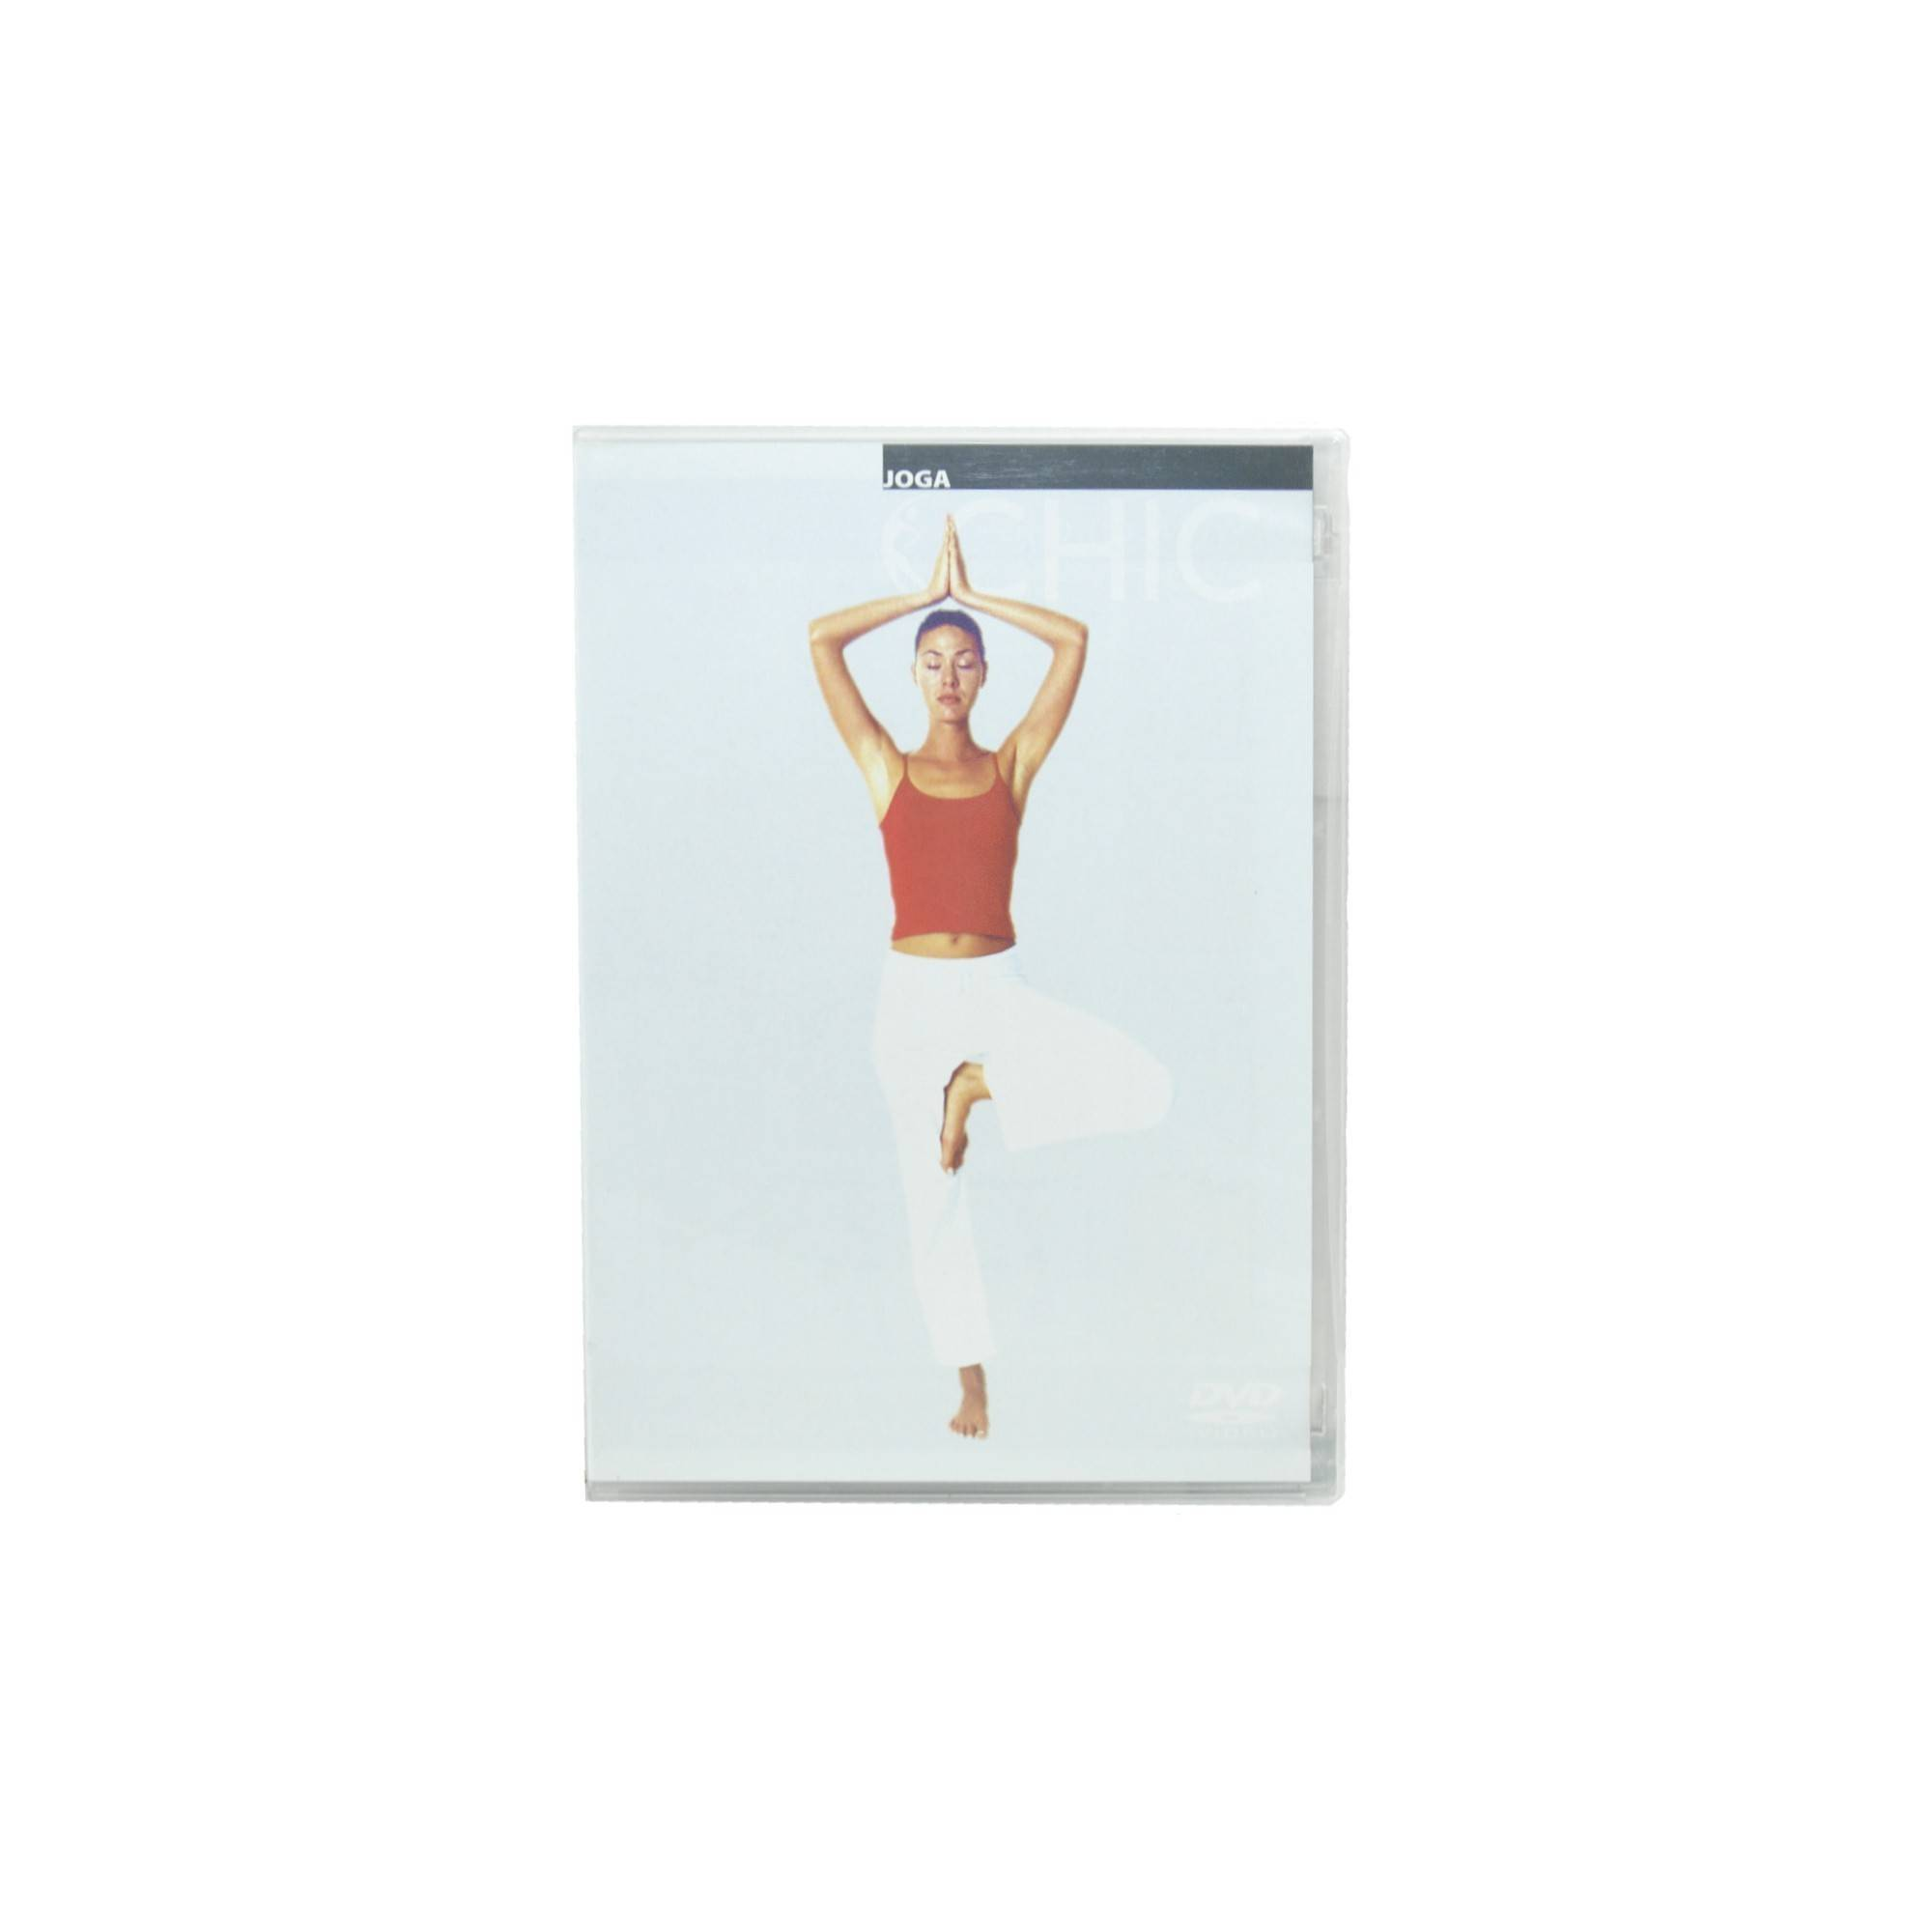 Ćwiczenia instruktażowe DVD Joga MayFly - 1 | klubfitness.pl | sprzęt sportowy sport equipment